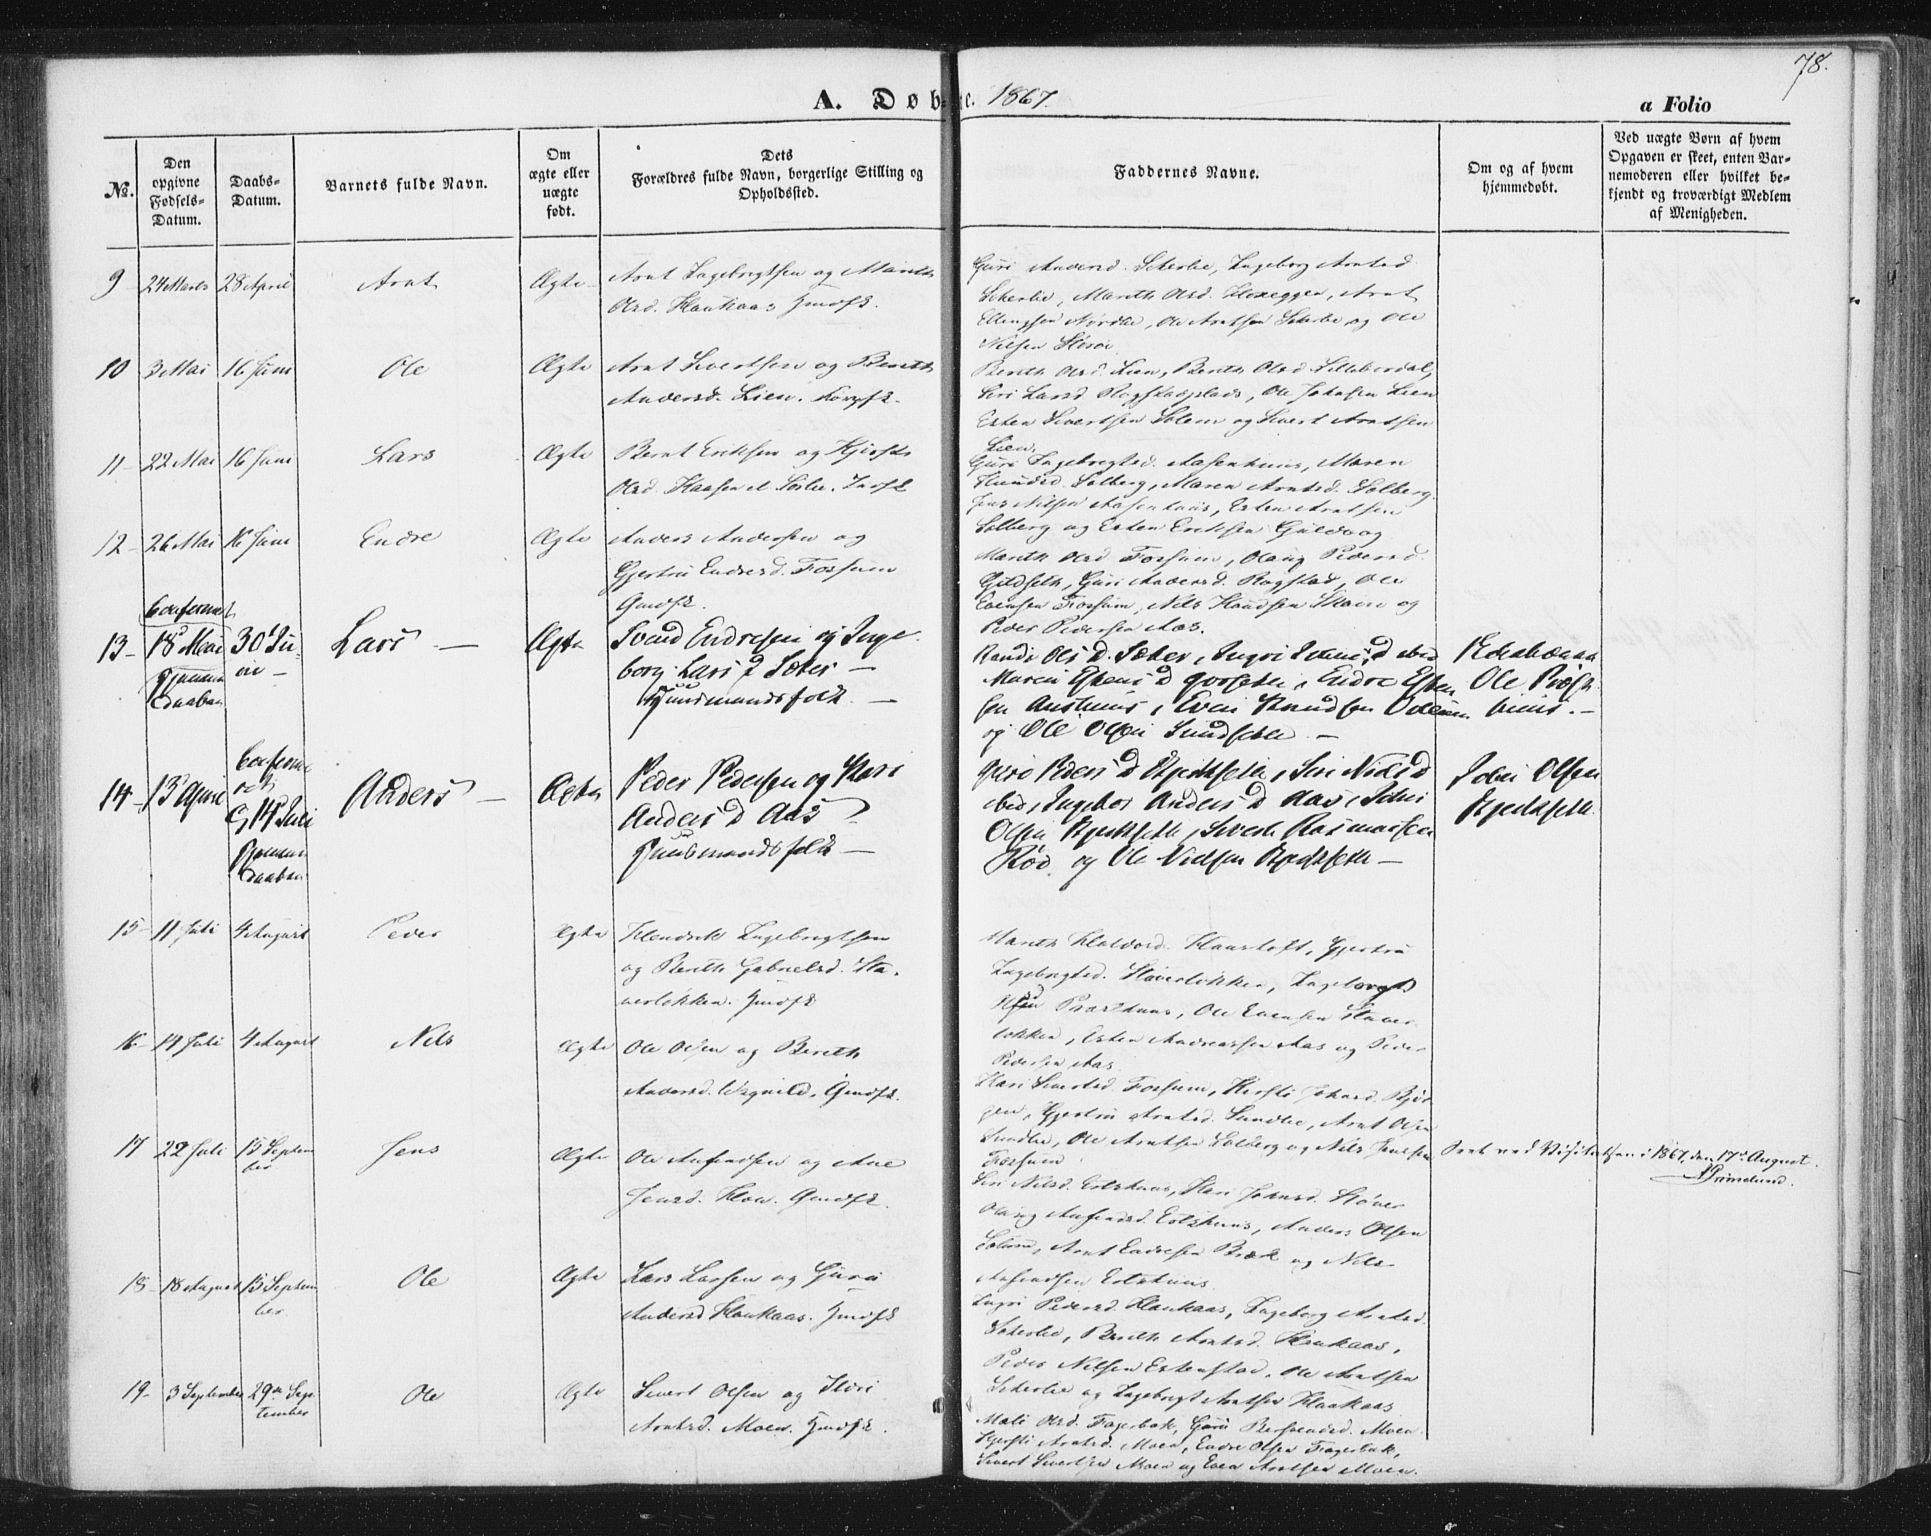 SAT, Ministerialprotokoller, klokkerbøker og fødselsregistre - Sør-Trøndelag, 689/L1038: Ministerialbok nr. 689A03, 1848-1872, s. 78